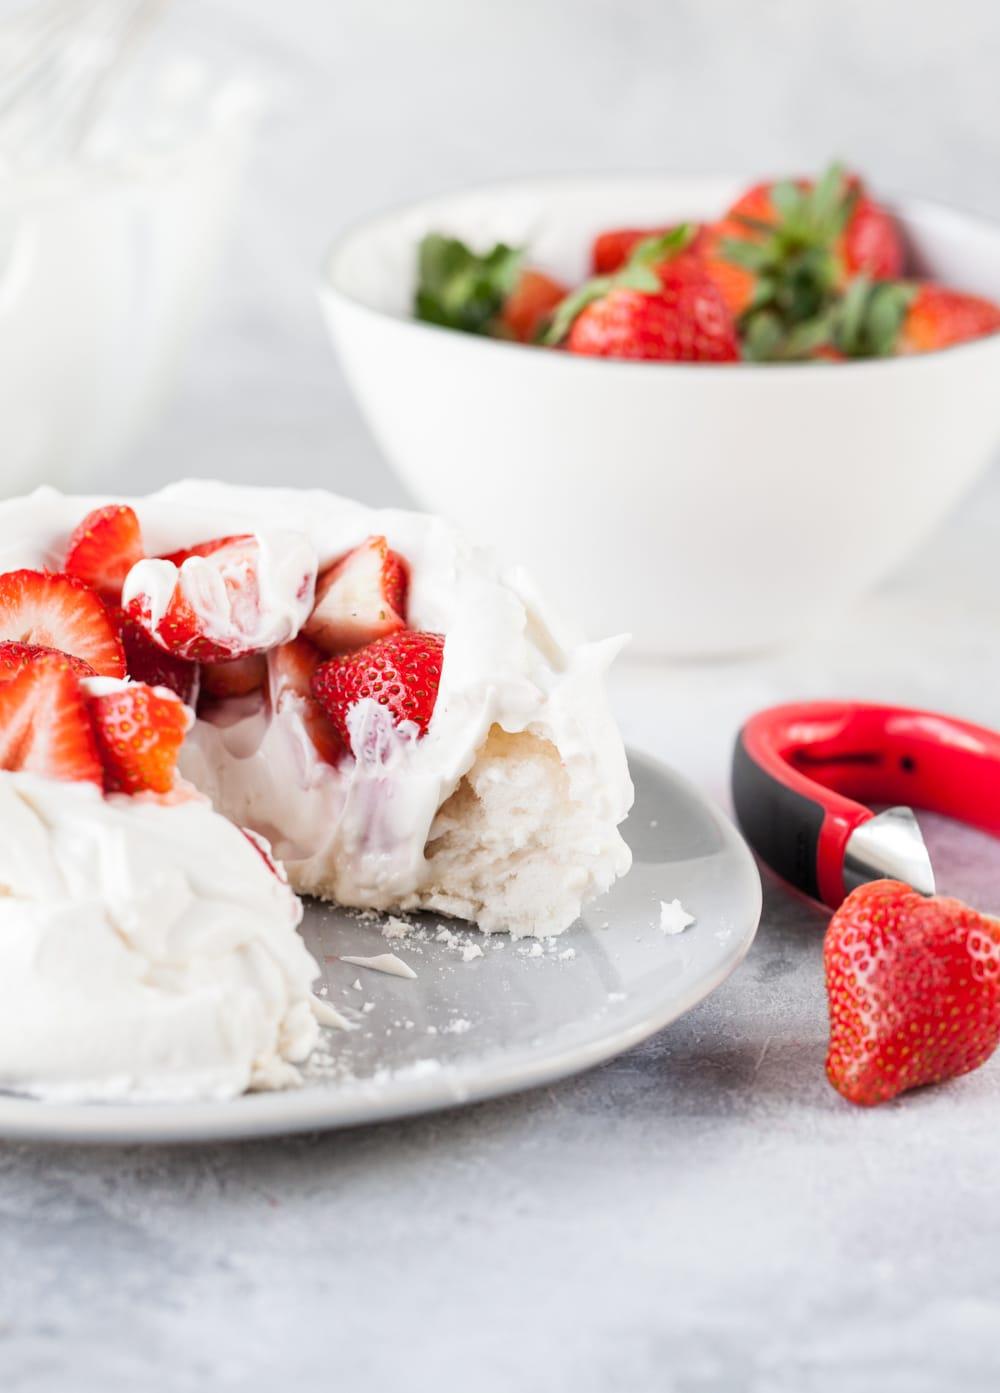 Vegan Pavlova with Strawberries & Cream